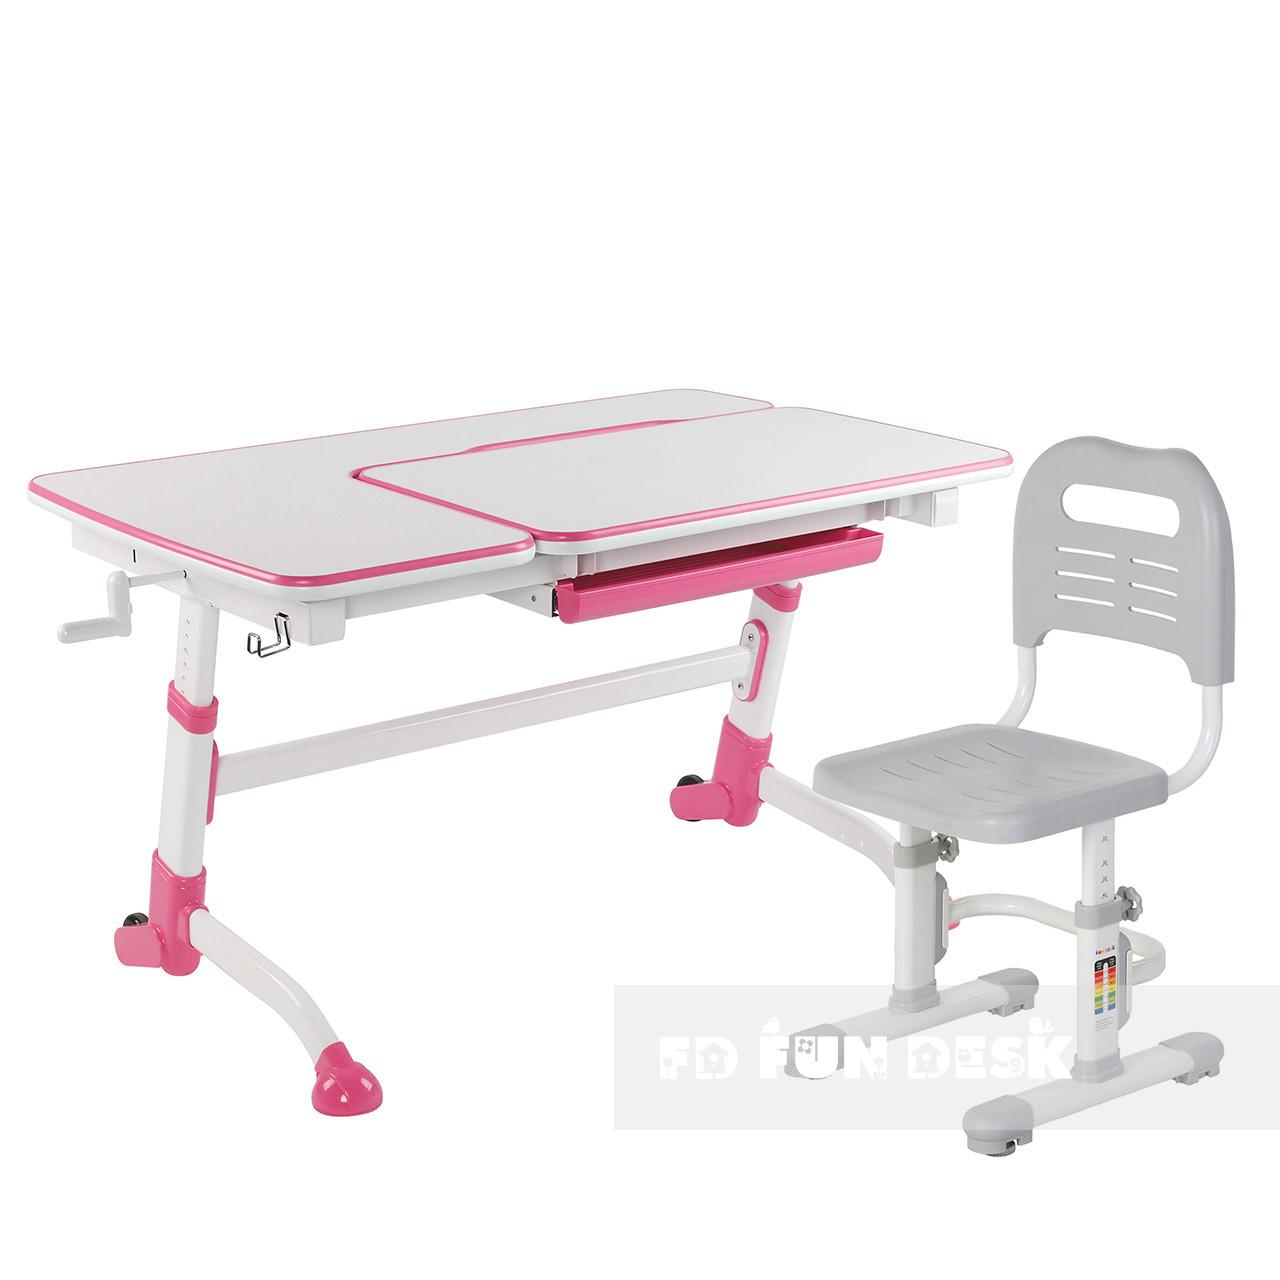 Комплект подростковая парта Amare Pink + детский стул SST3L Grey FunDesk